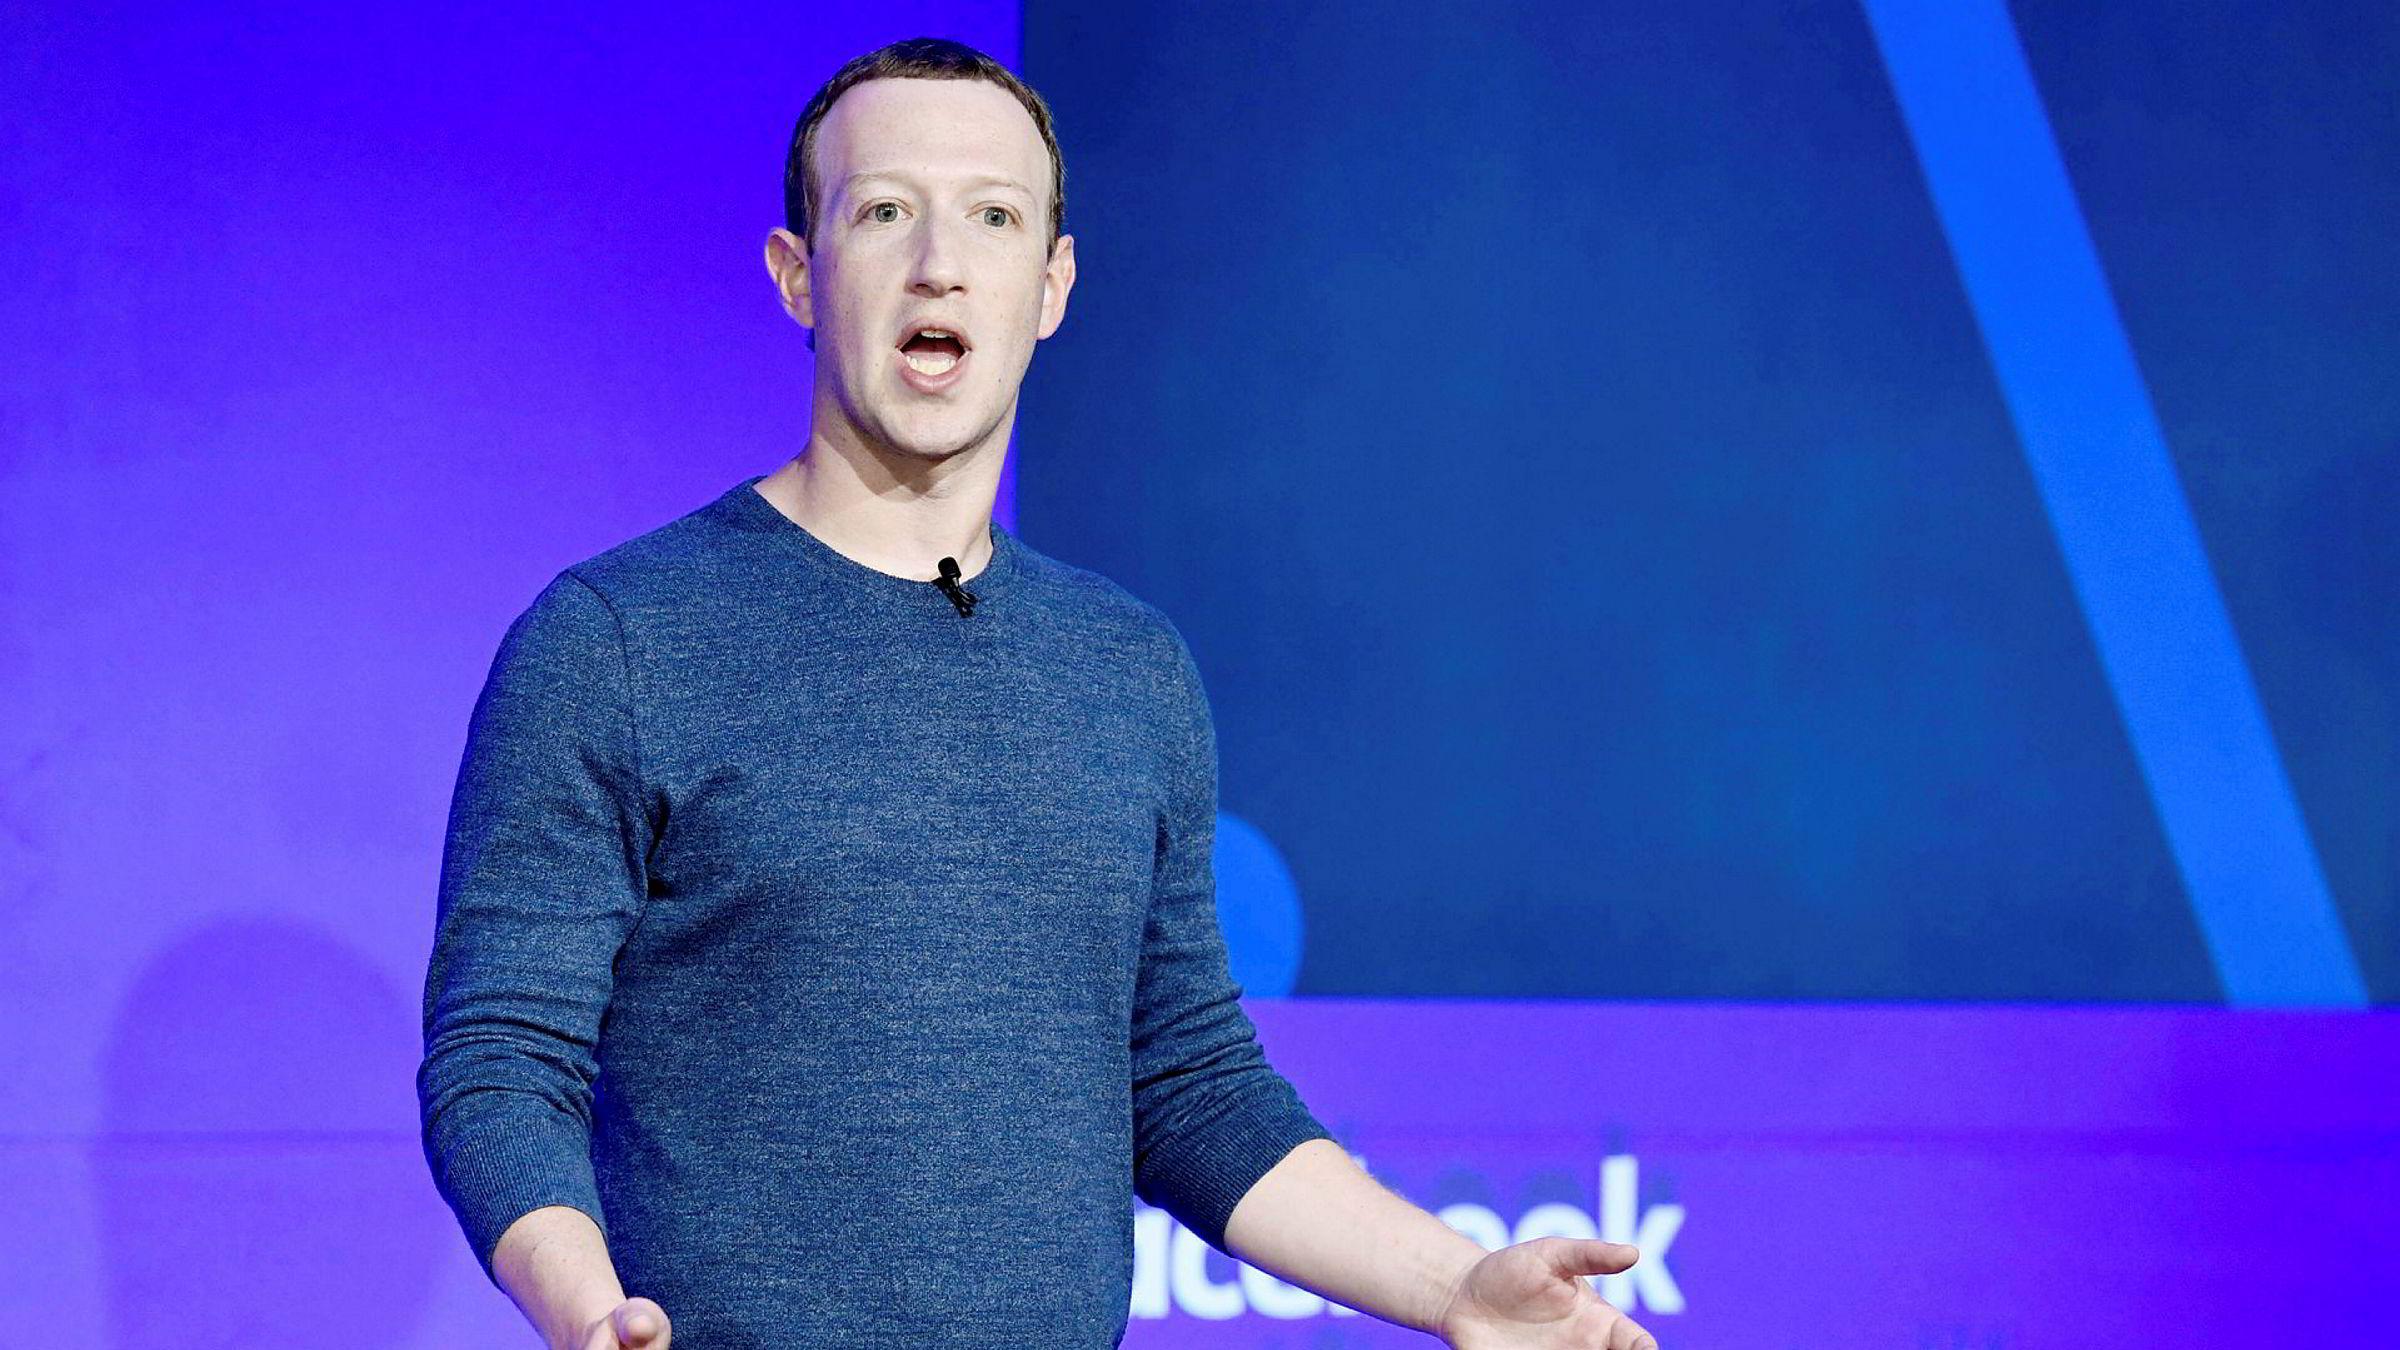 Facebook trapper opp med flere tiltak for å unngå at plattformen blir misbrukt til å påvirke velgere og spre desinformasjon i forbindelse med valget i USA neste år.